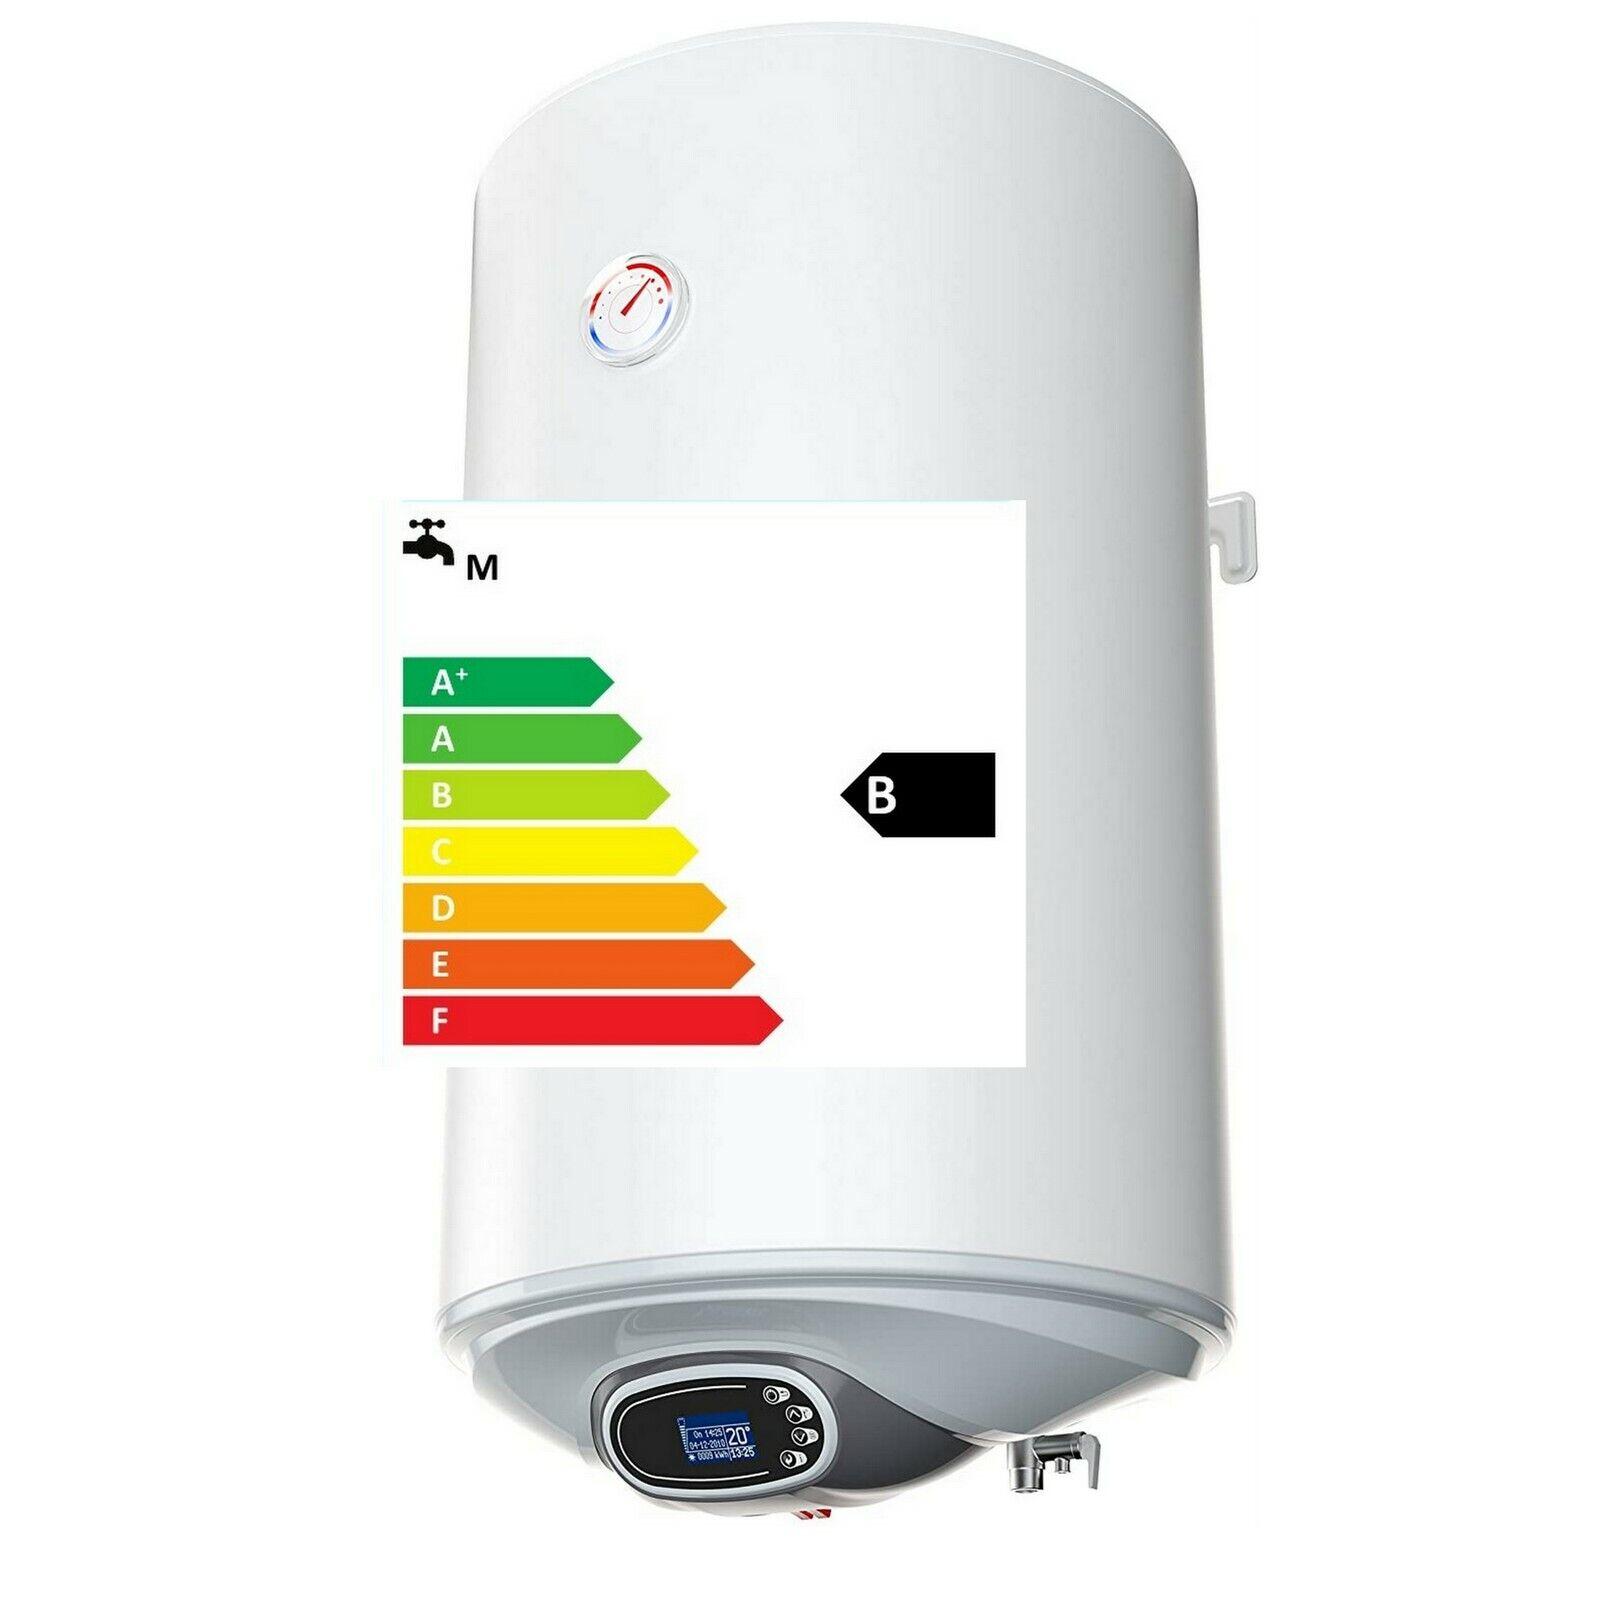 Smart Control Elektro Warmwasserspeicher Boiler 2/3kW 30 50 80 100 120 150 Liter